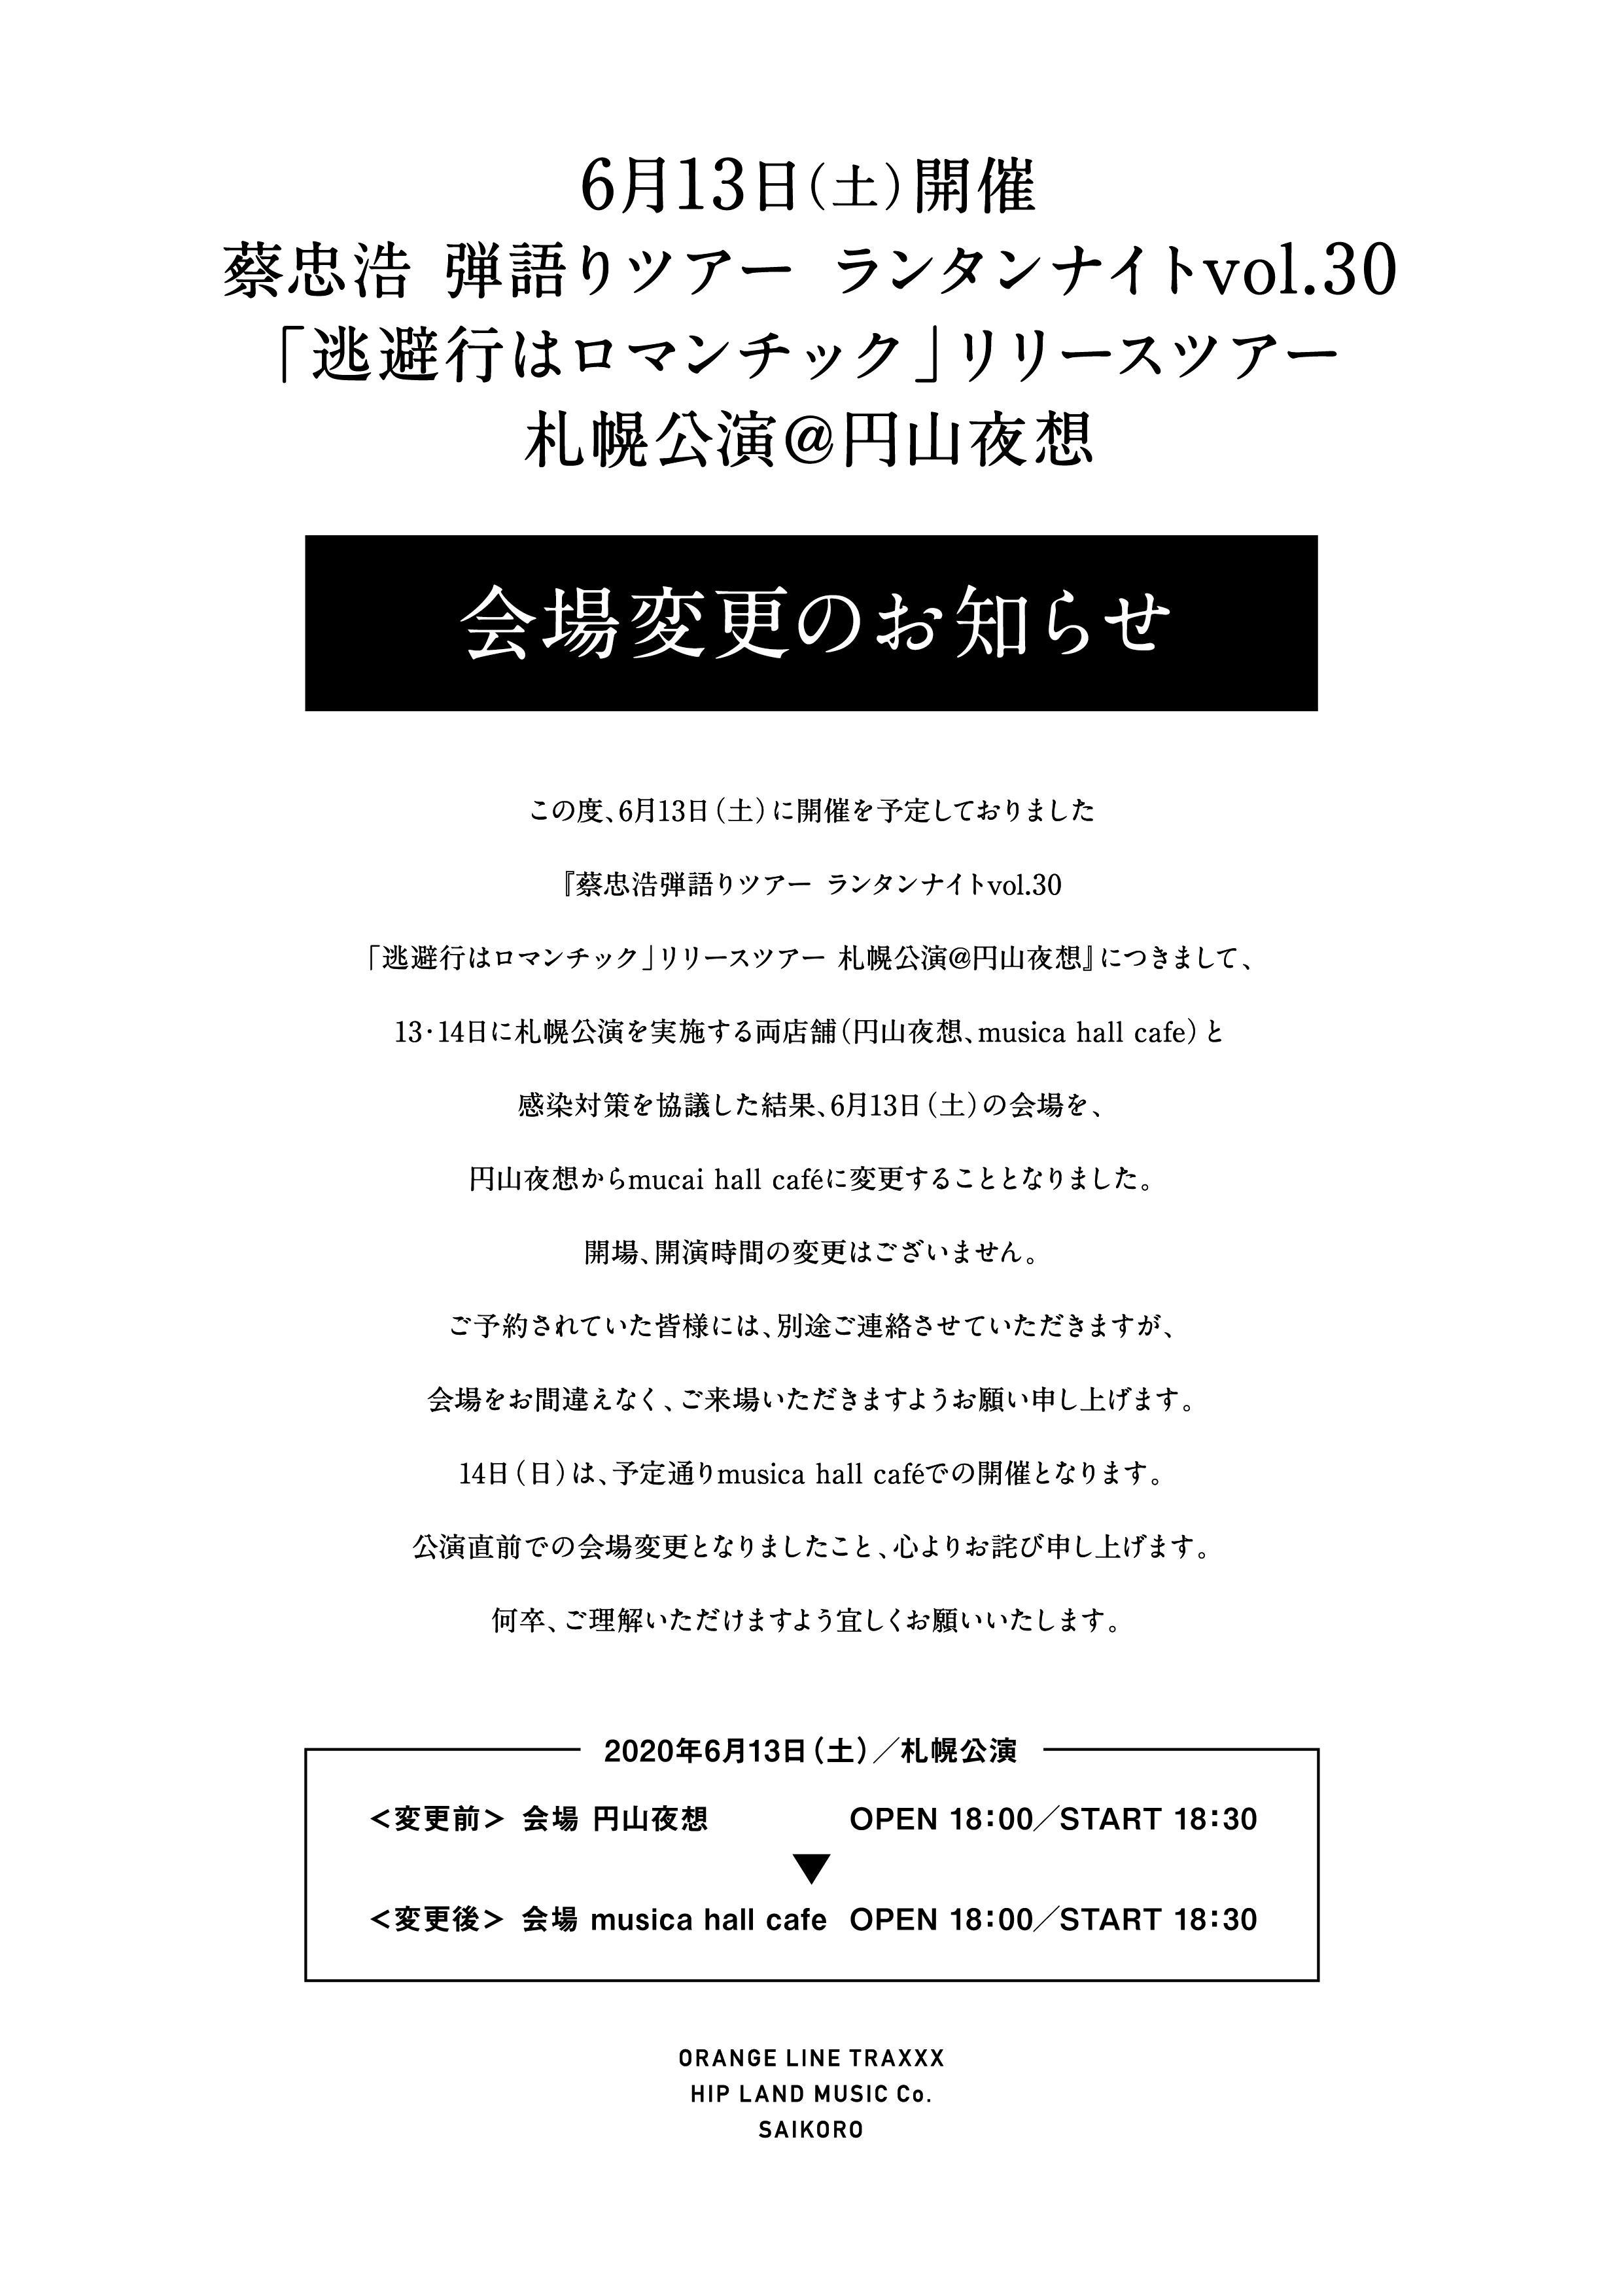 200610_蔡忠浩-01.jpg